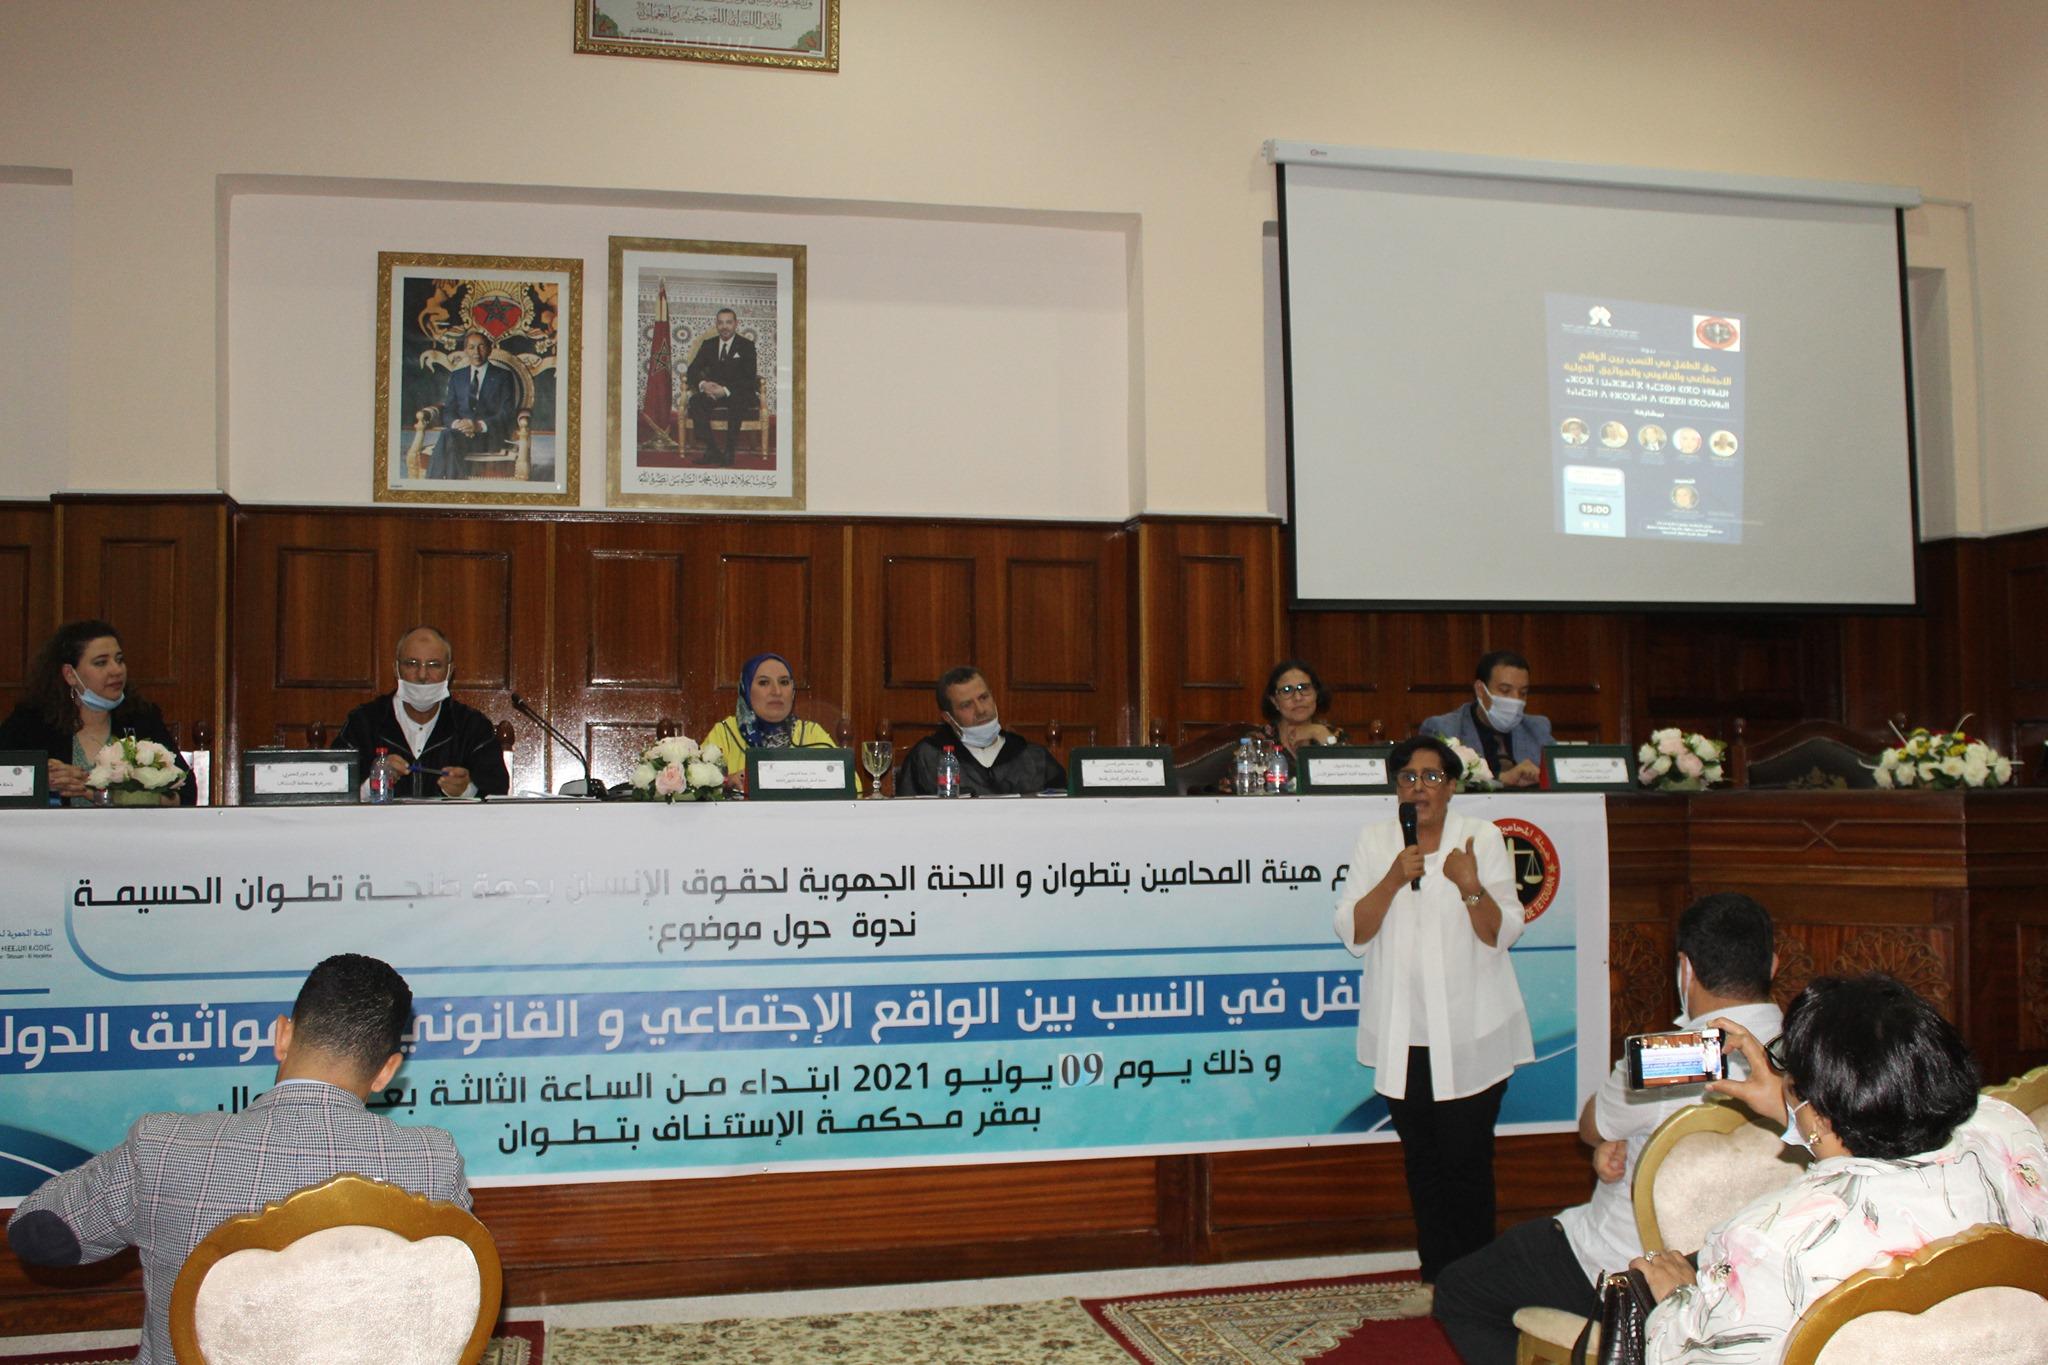 """اللجنة الجهوية لحقوق الانسان تناقش بتطوان حق الطفل في النسب بين الواقع الاجتماعي والقانوني والمواثيق الدولية"""""""